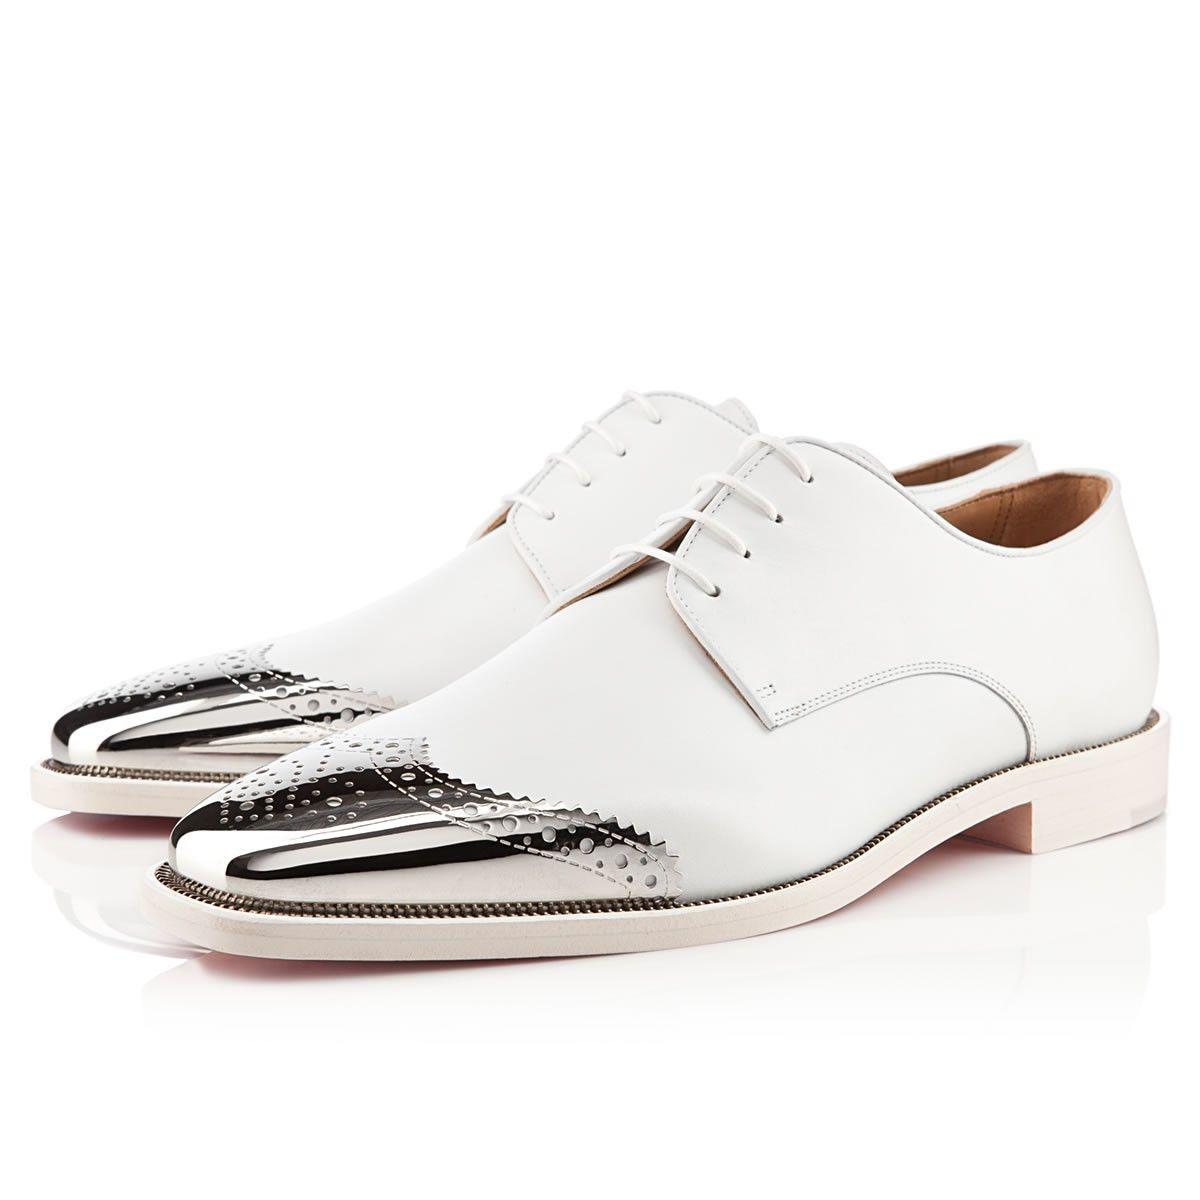 Christian Louboutin Gareth Zip Men S Flat White Leather Shoe La La